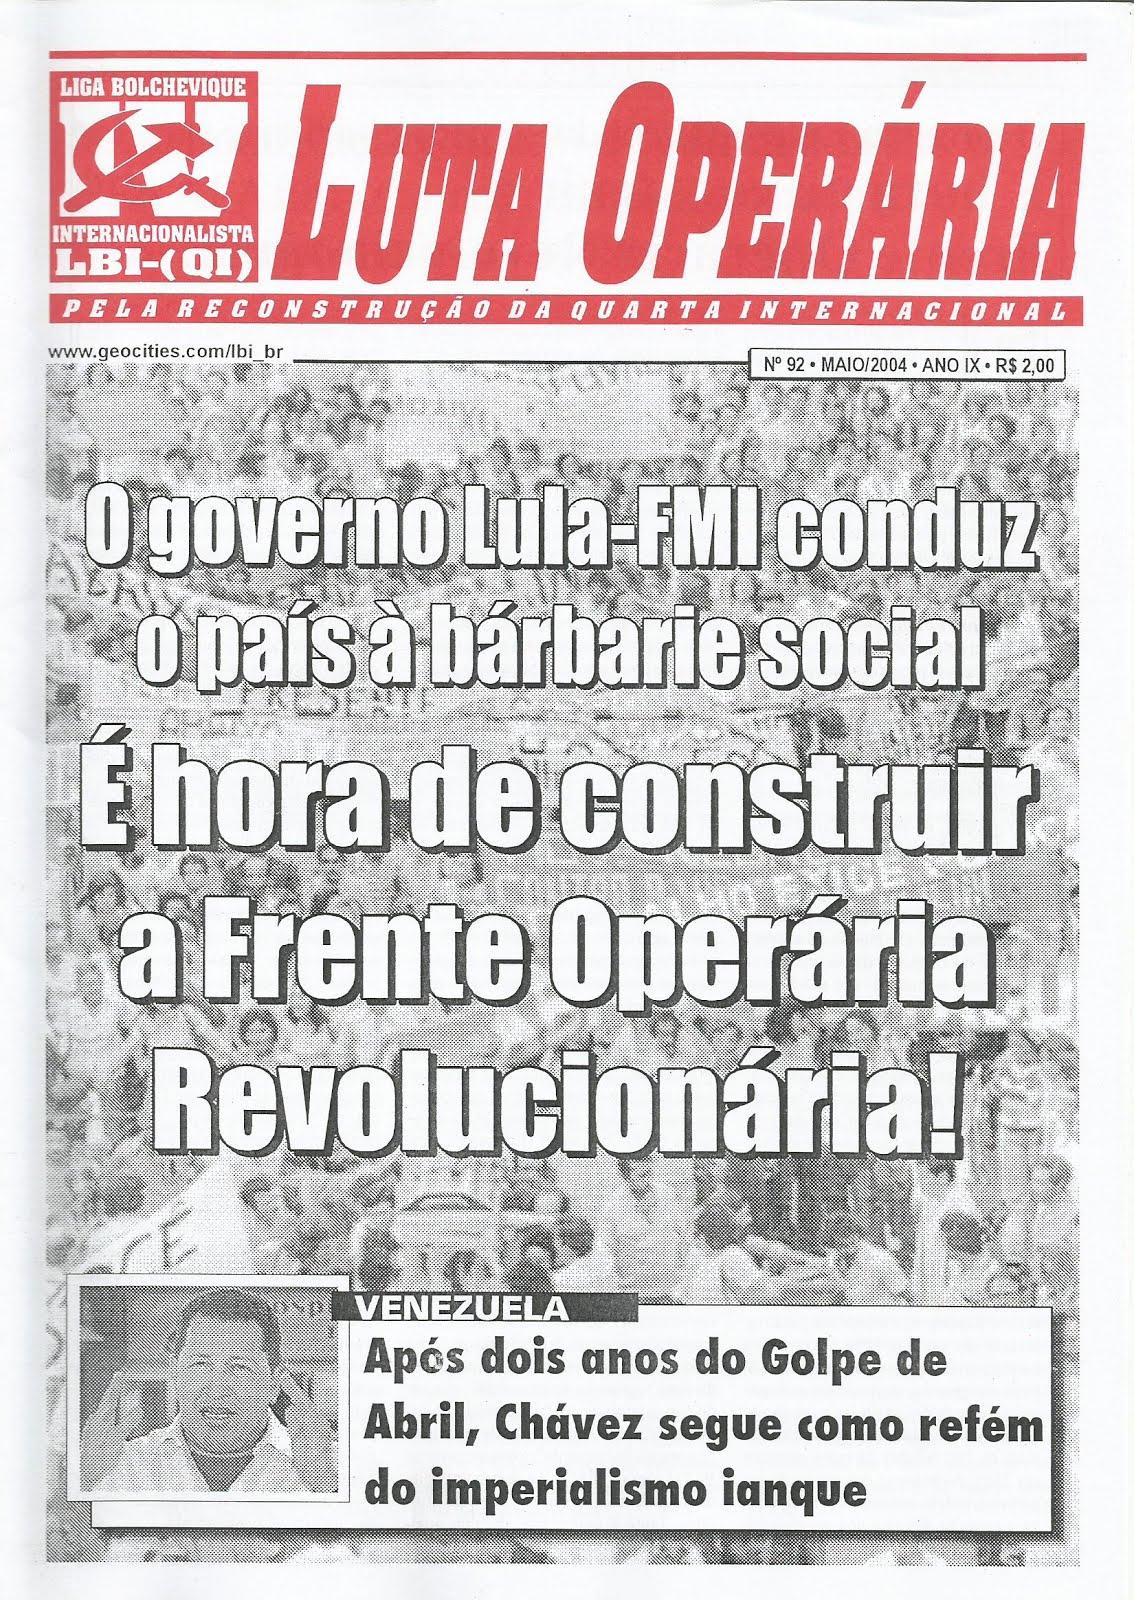 LEIA A EDIÇÃO DO JORNAL LUTA OPERÁRIA Nº 92, MAIO/2004